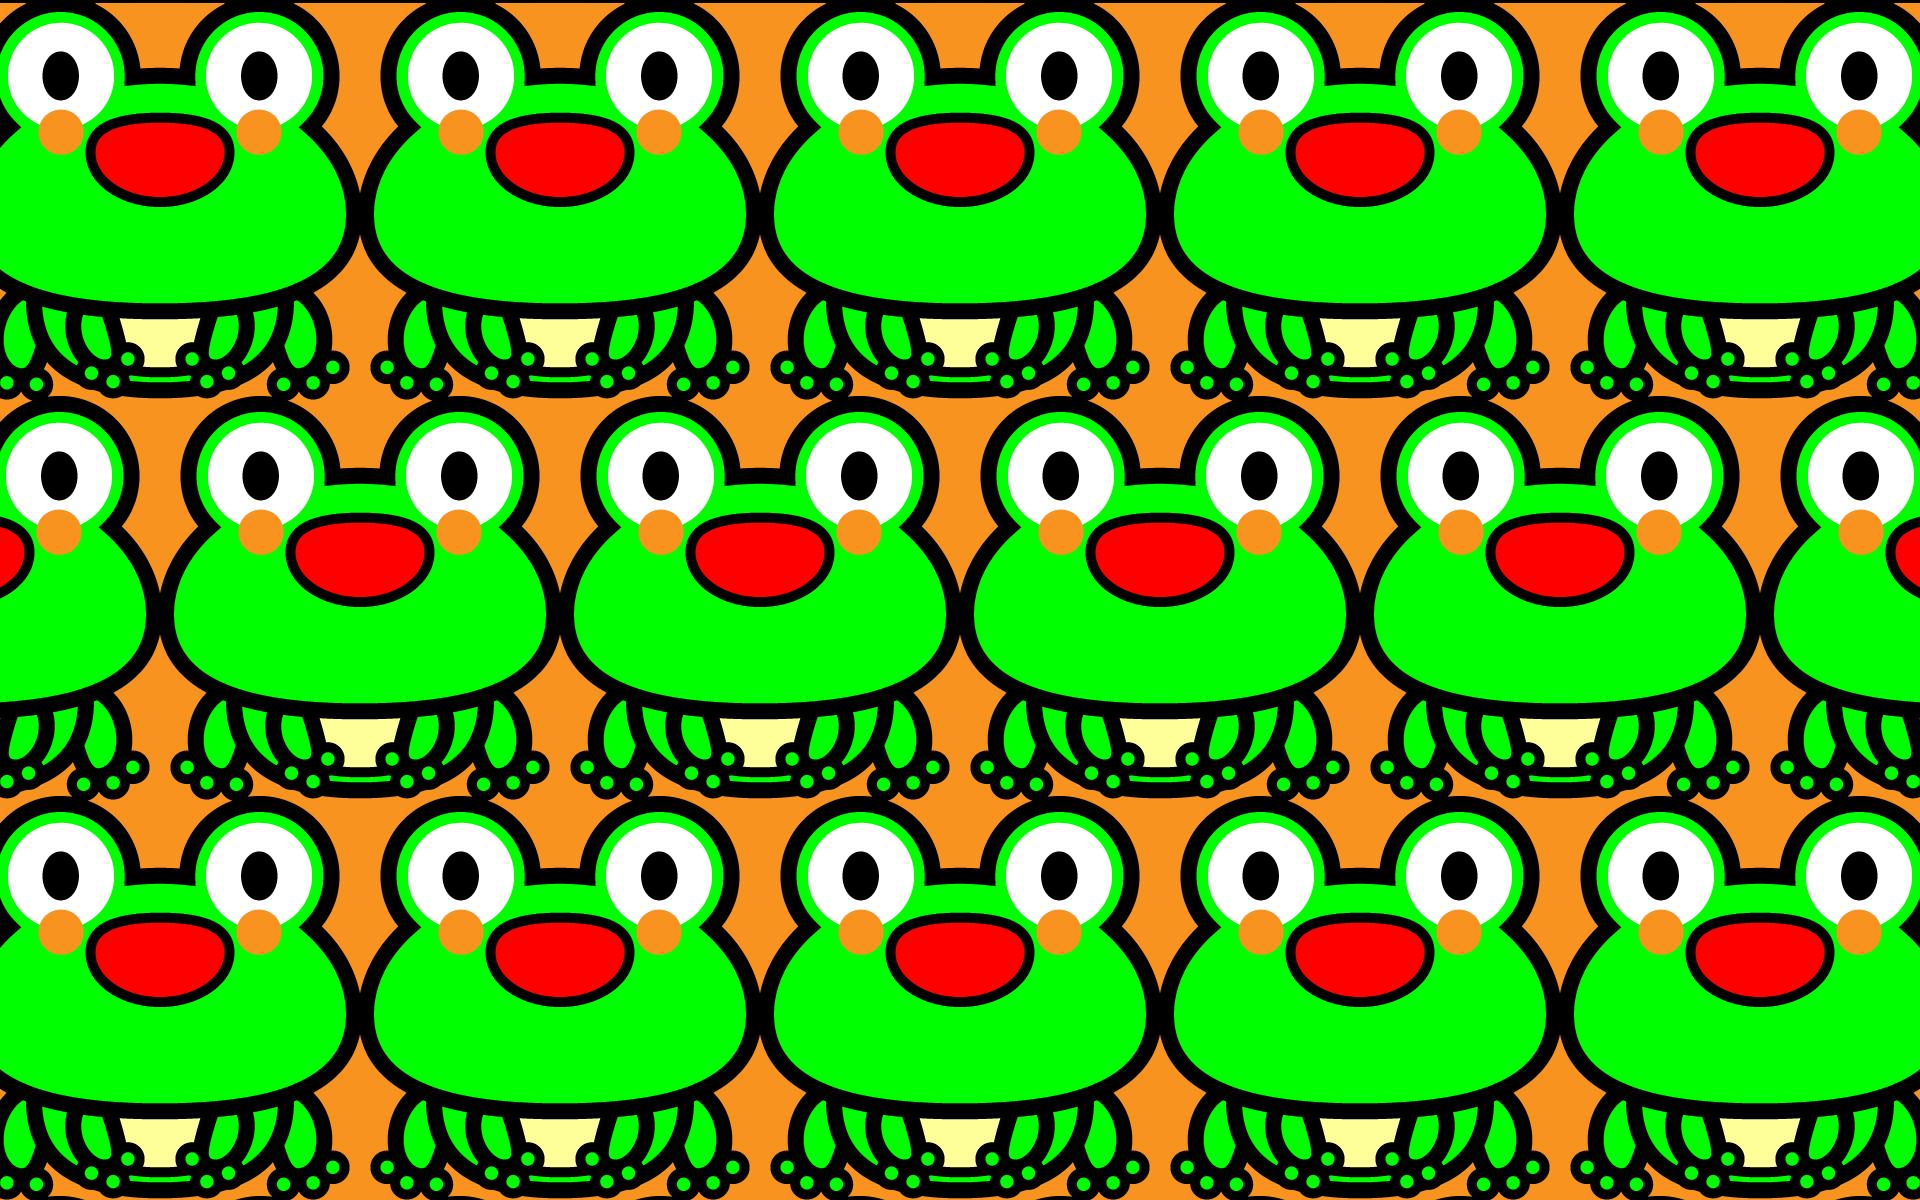 かわいい座りカエルづくし・壁紙(PC)の無料イラスト・商用フリー